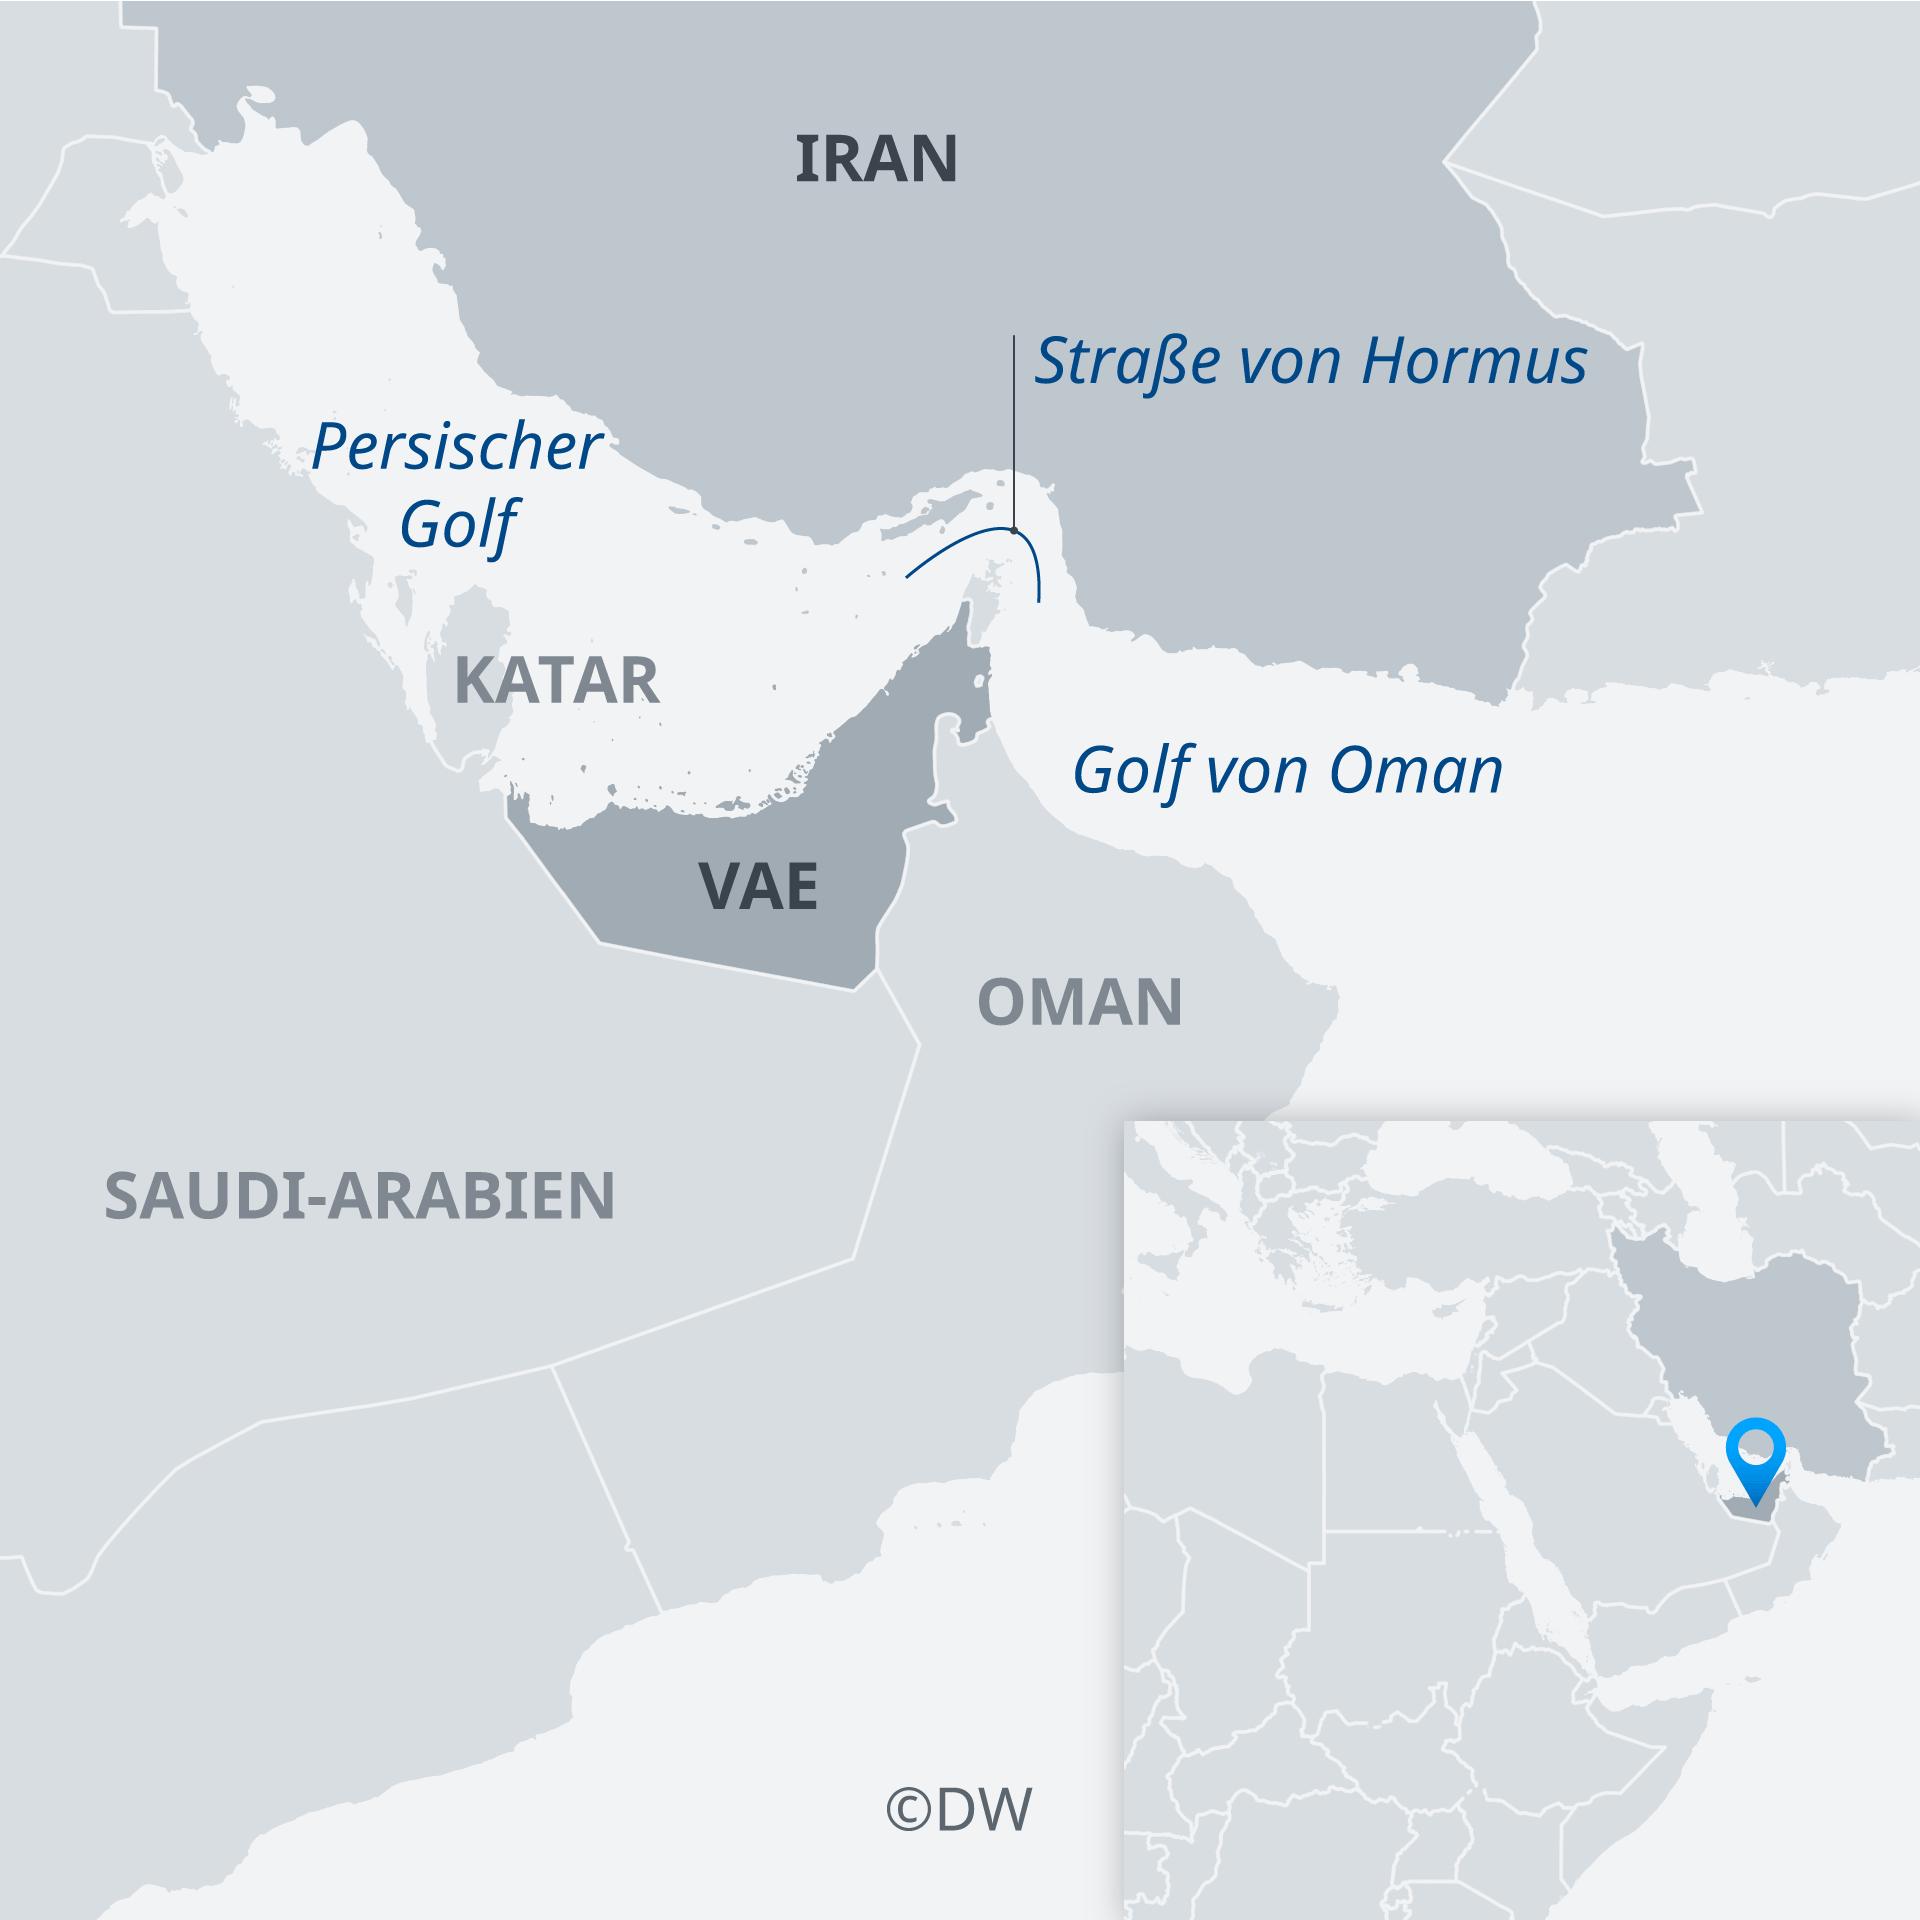 Karte Oman Kostenlos.Die Emirate In Der Zwickmuhle Nahost Dw 16 05 2019